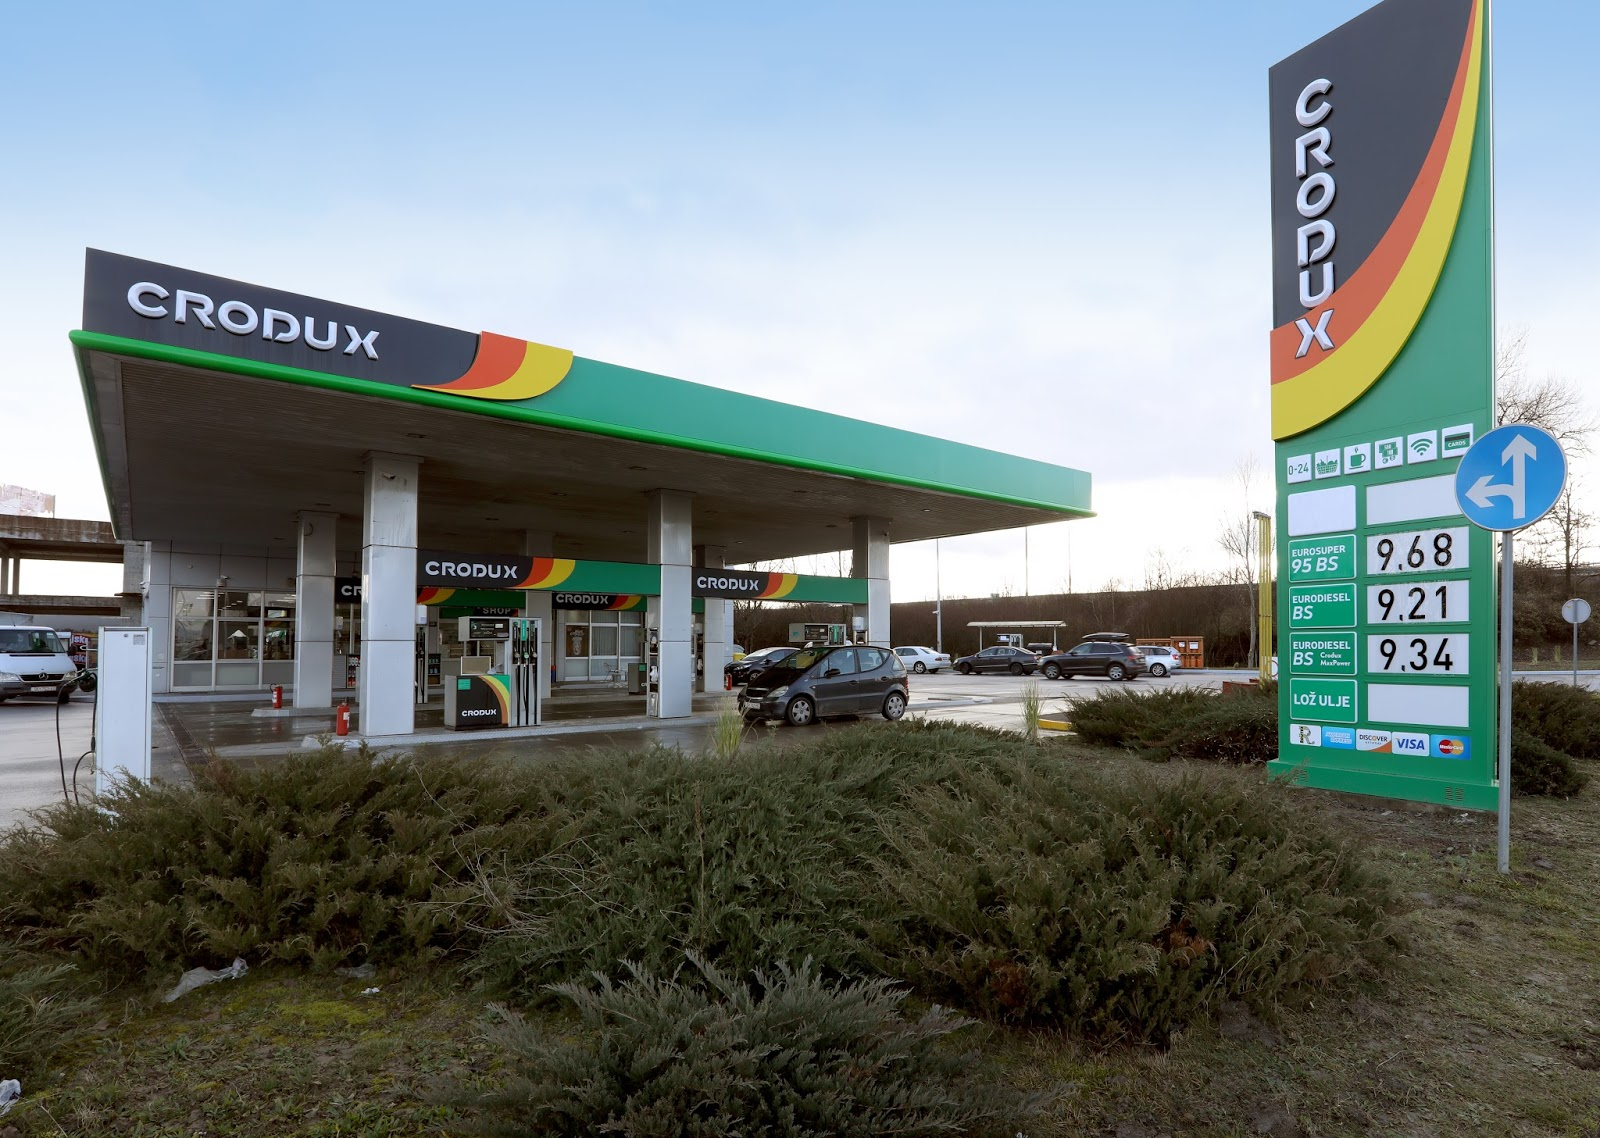 Petrol Station Crodux Zagreb Lucko Zagreb Fuelo Net